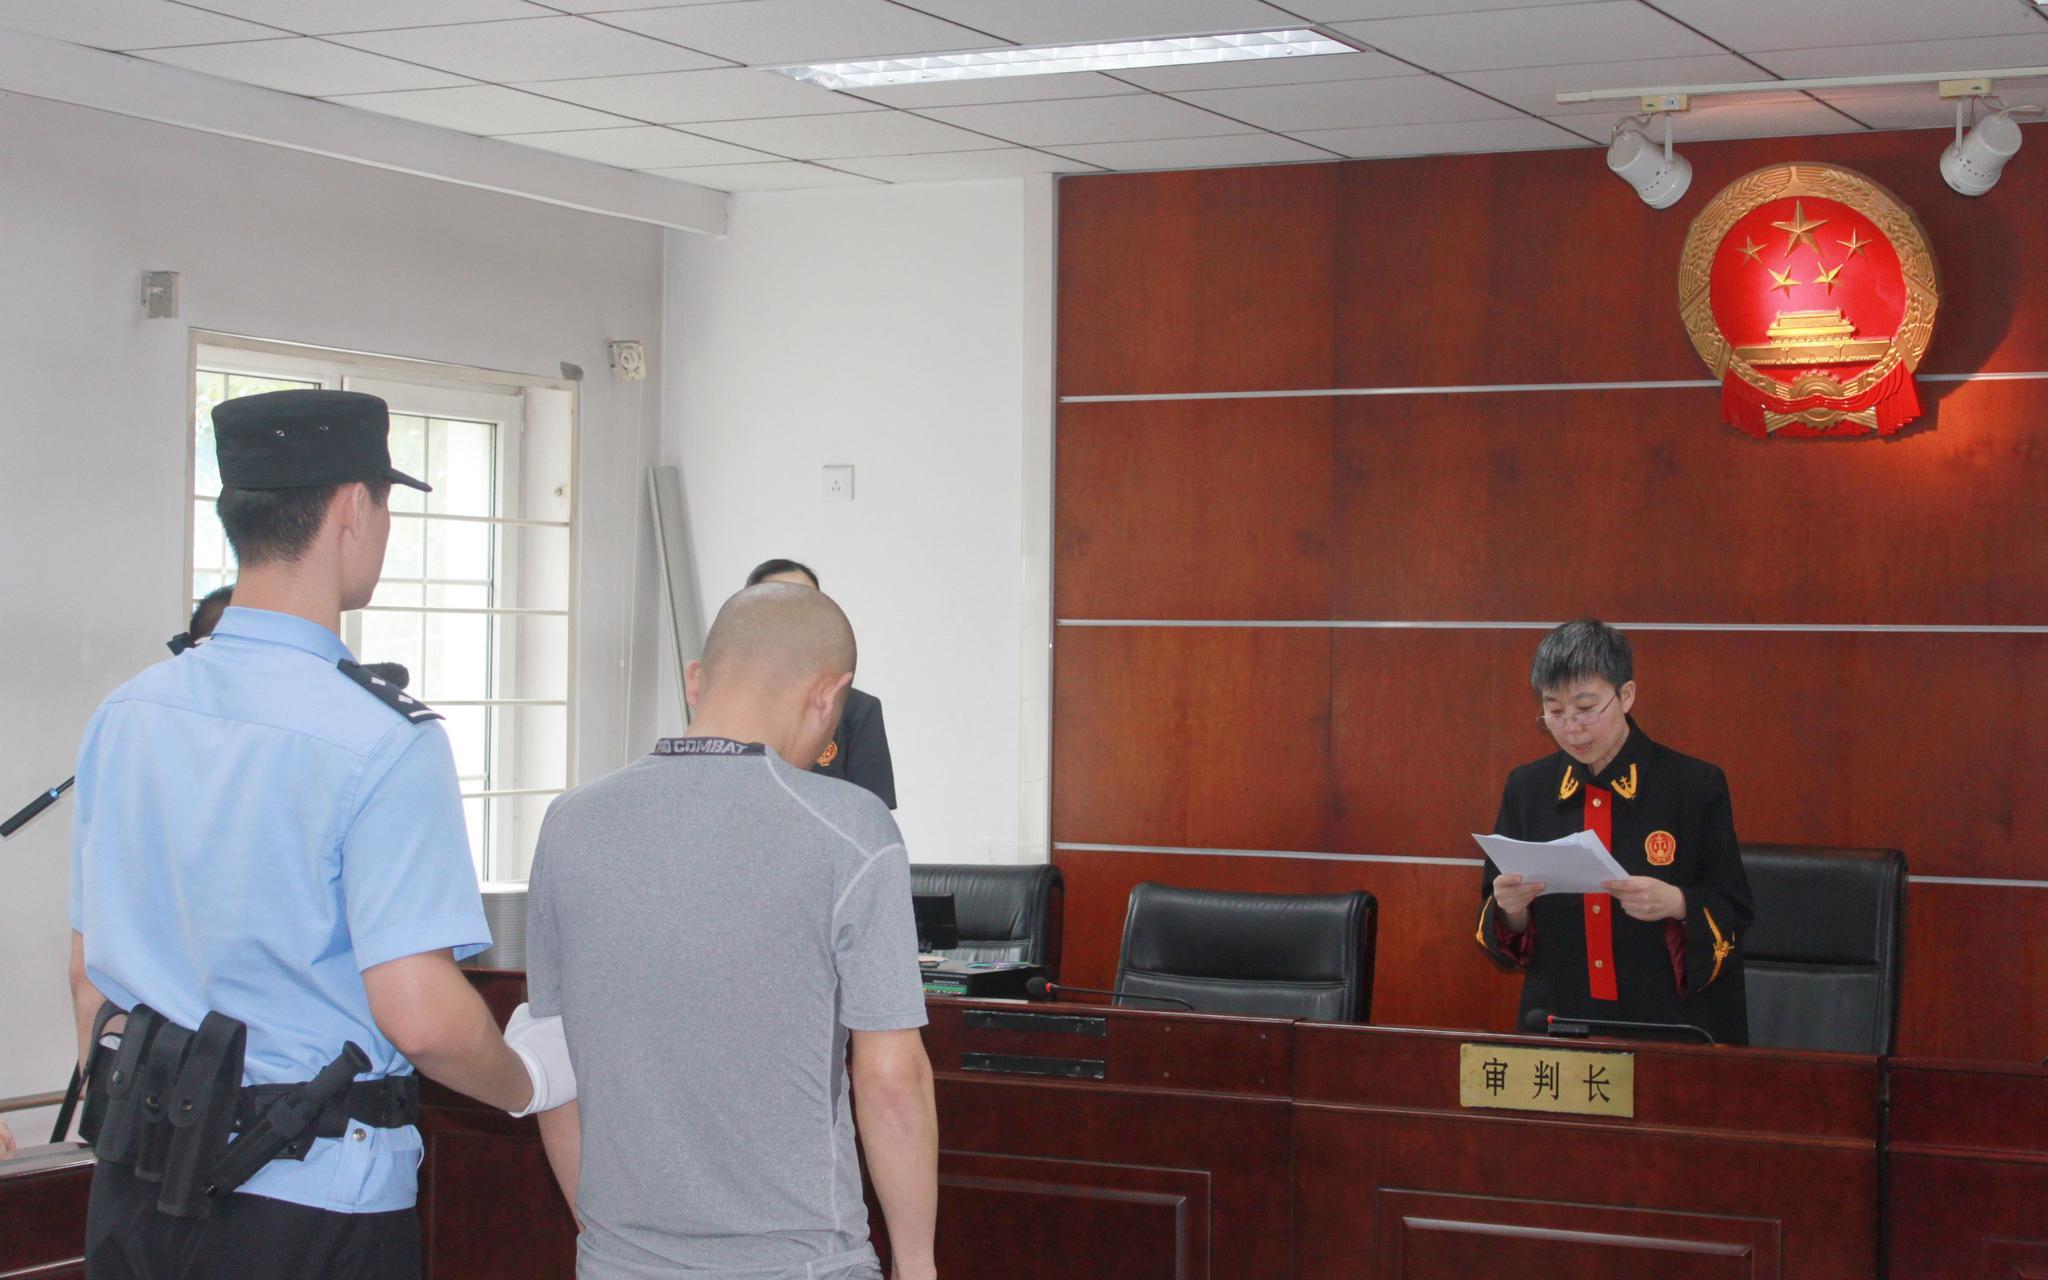 碰瓷勒索20余名公交司机近5万 北京一的哥获刑